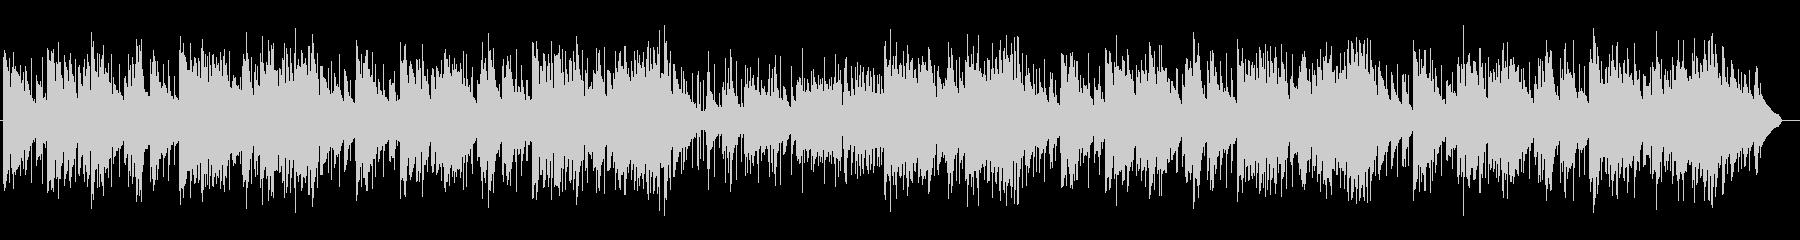 ヴァイブとエレピのラウンジジャズ70'sの未再生の波形